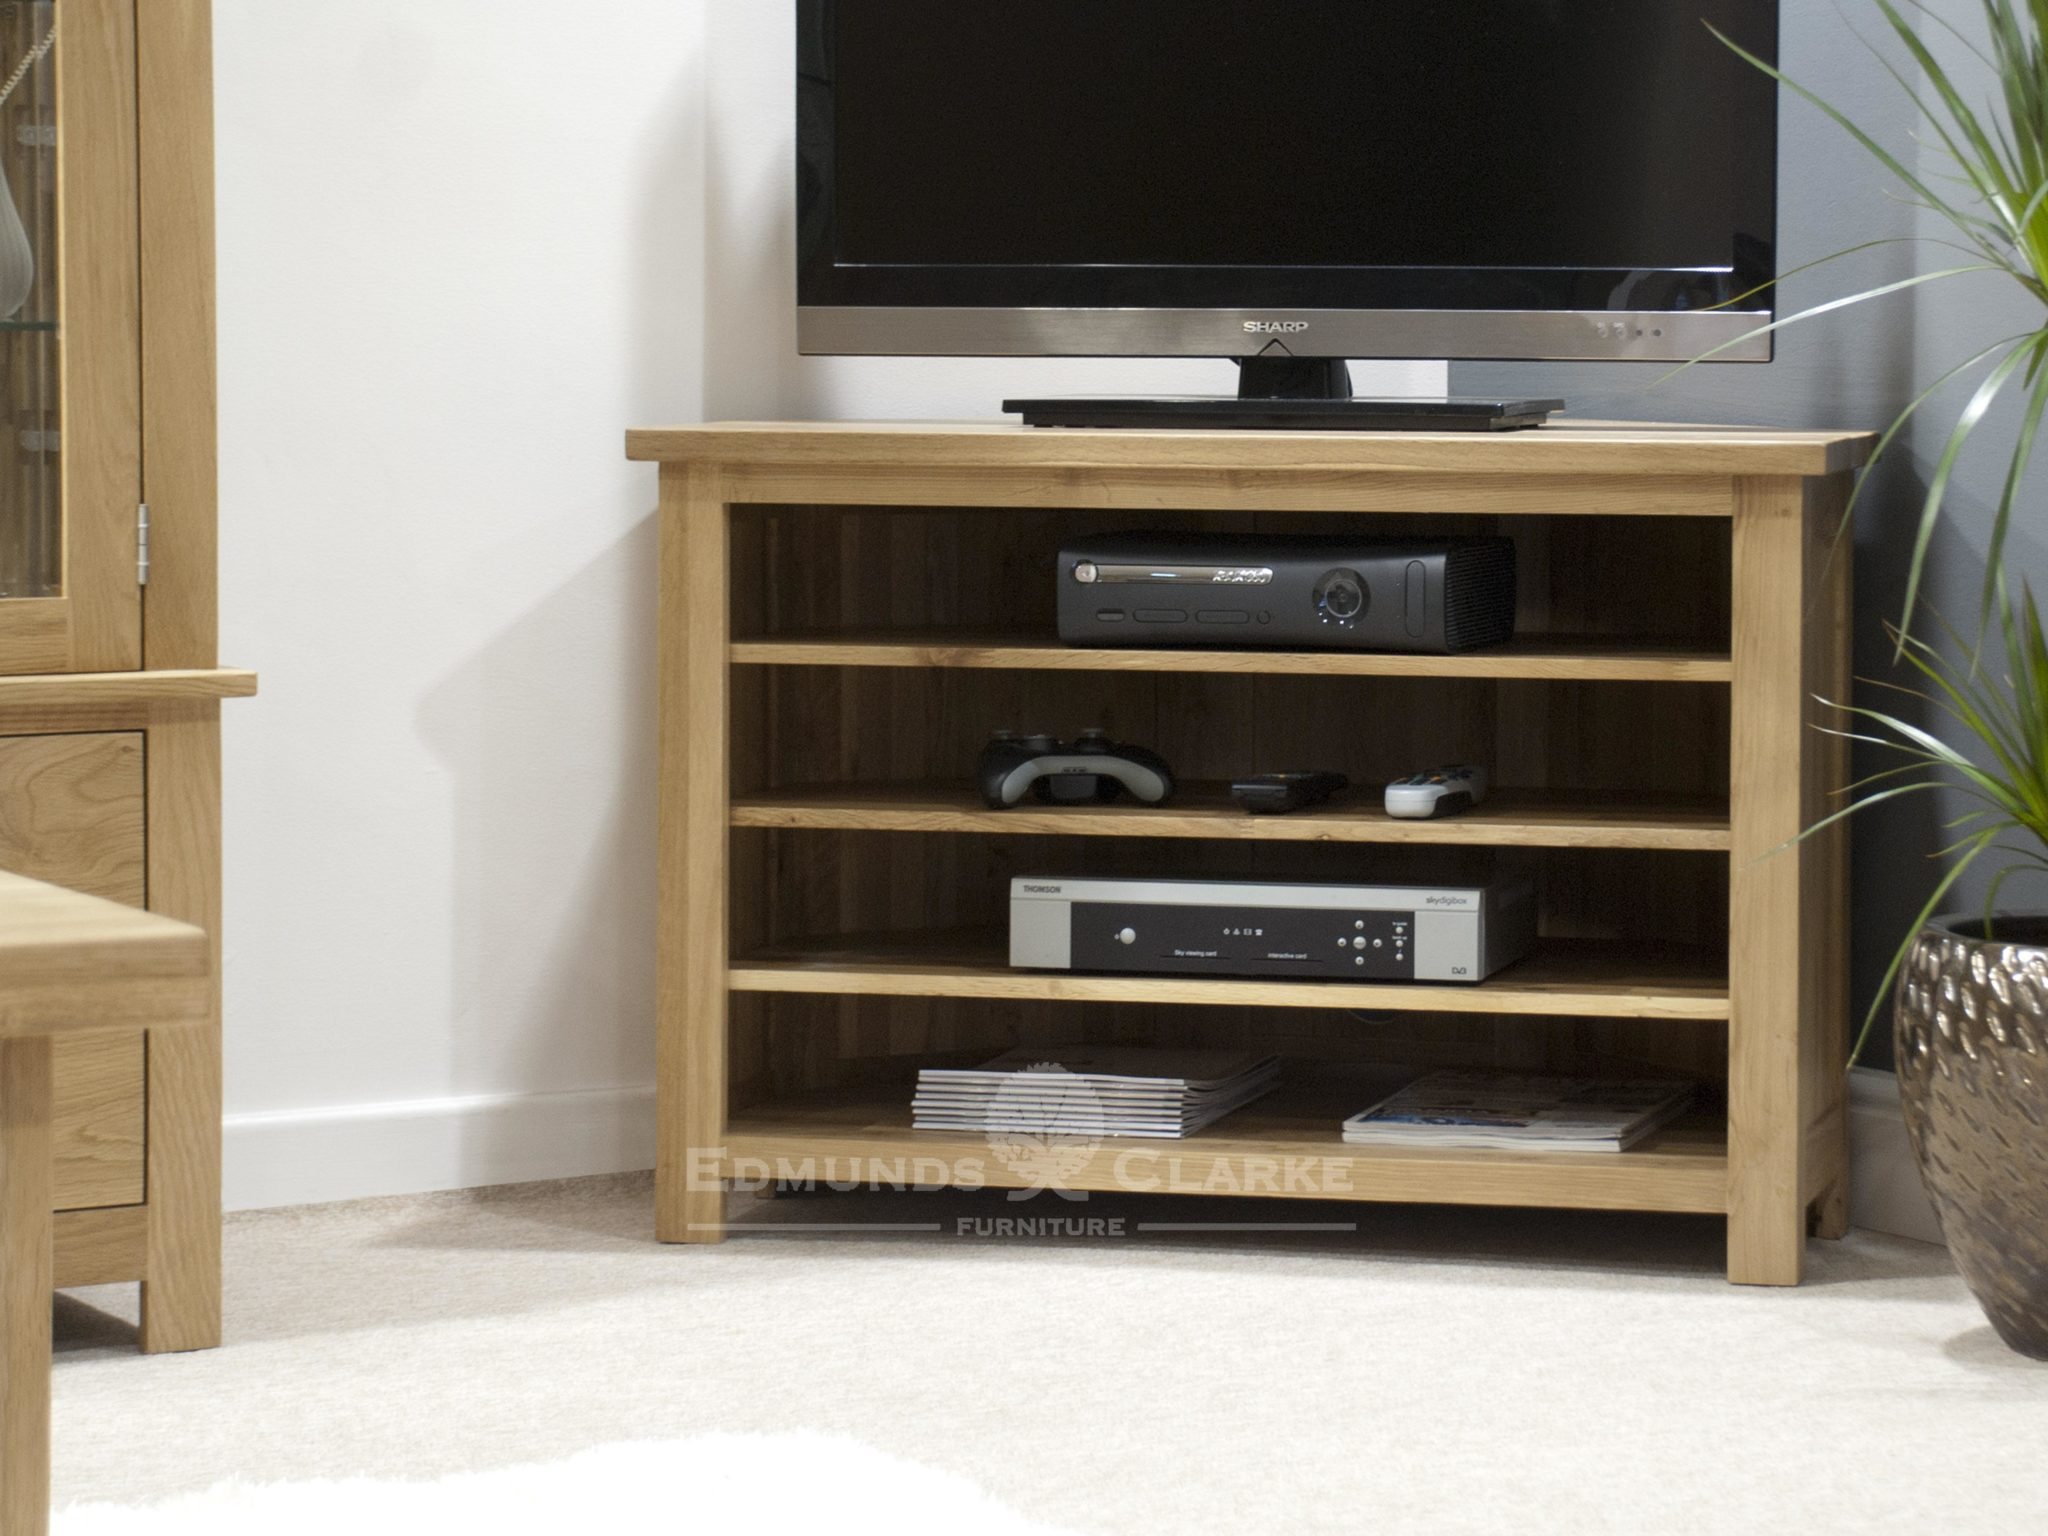 Bury solid oak corner TV unit - adjustable shelves for your media 100% solid oak